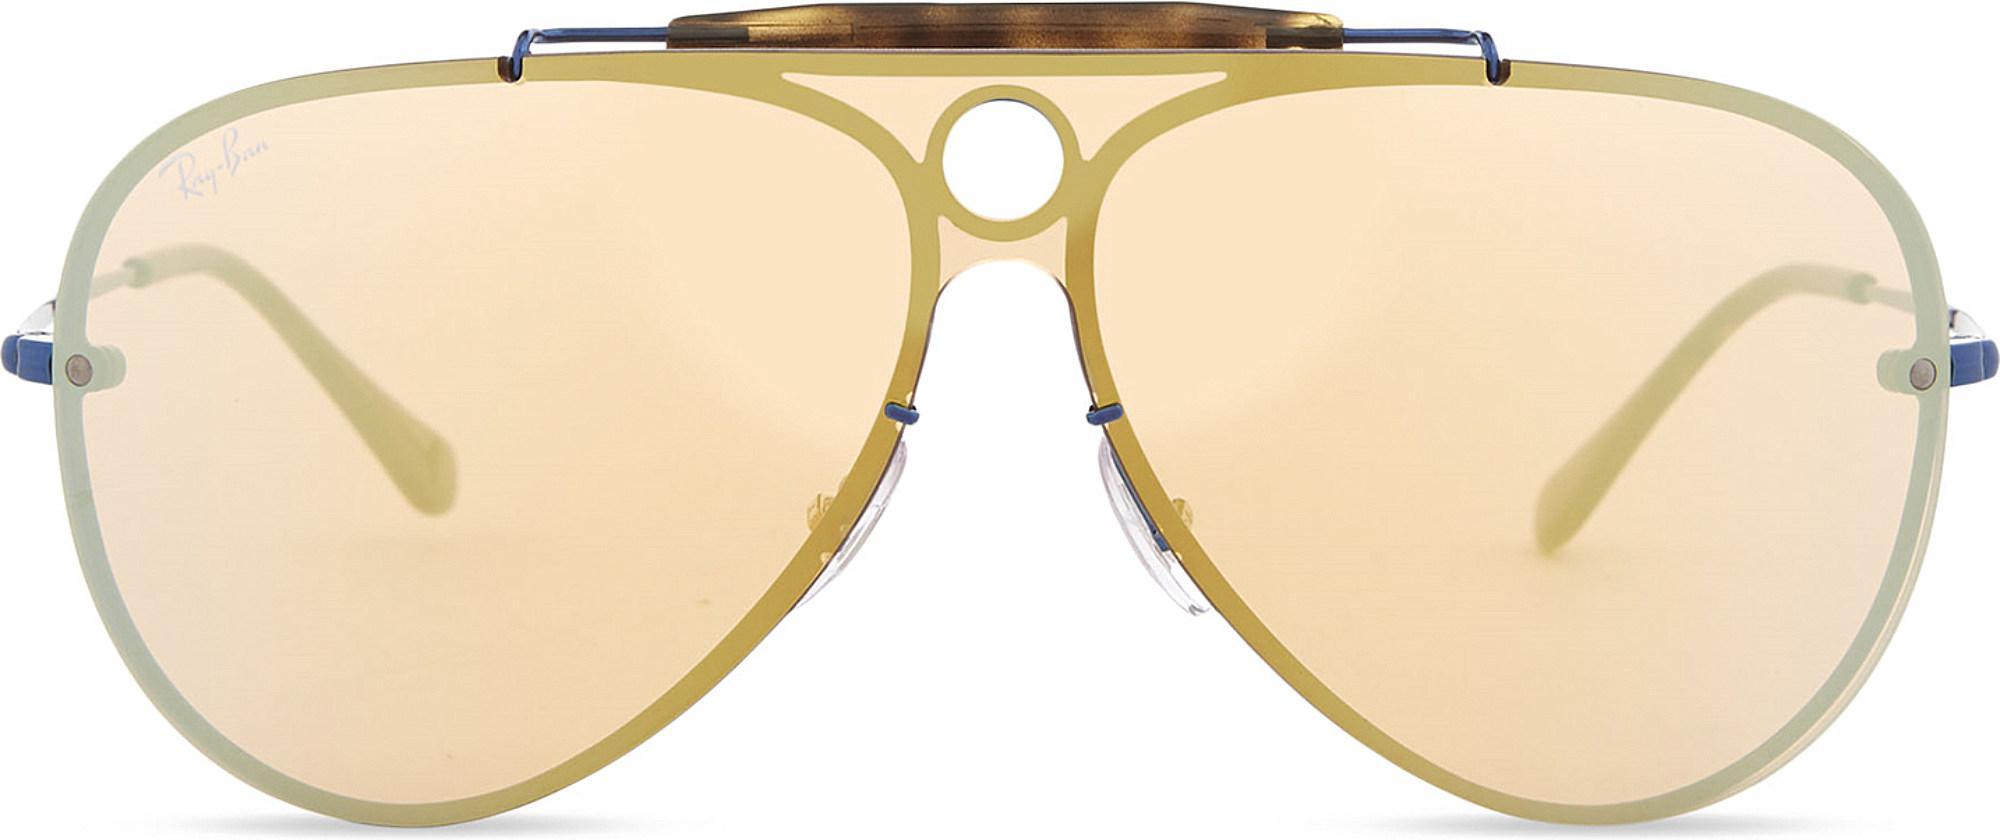 dda1bae9a9 Lyst - Ray-Ban Rb3581 Aviator Sunglasses in Blue